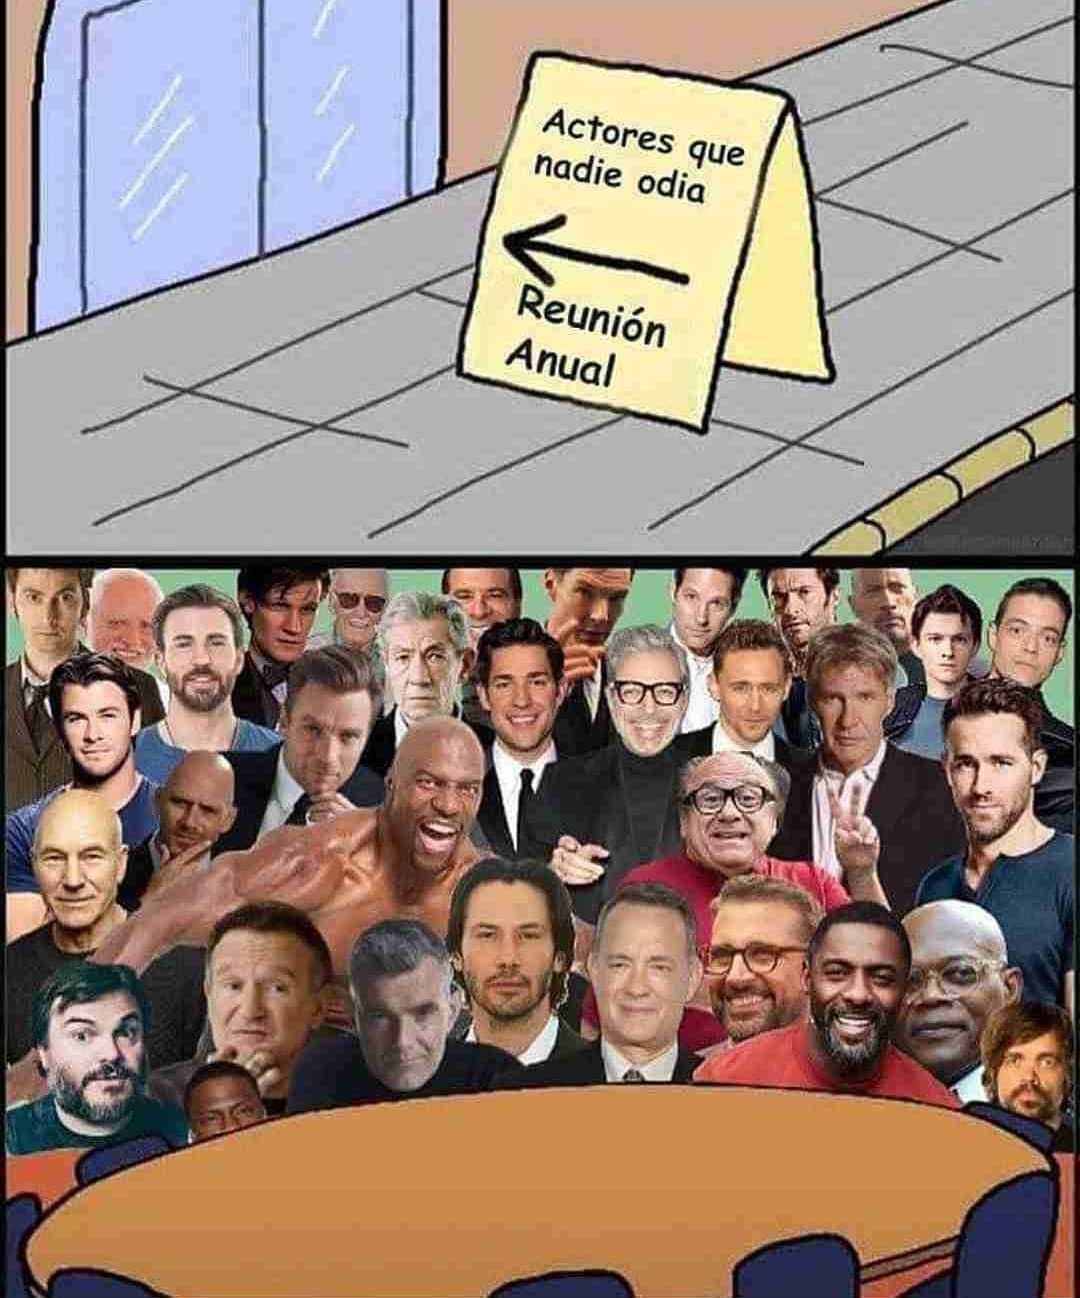 Actores que nadie odia. Reunión Anual.